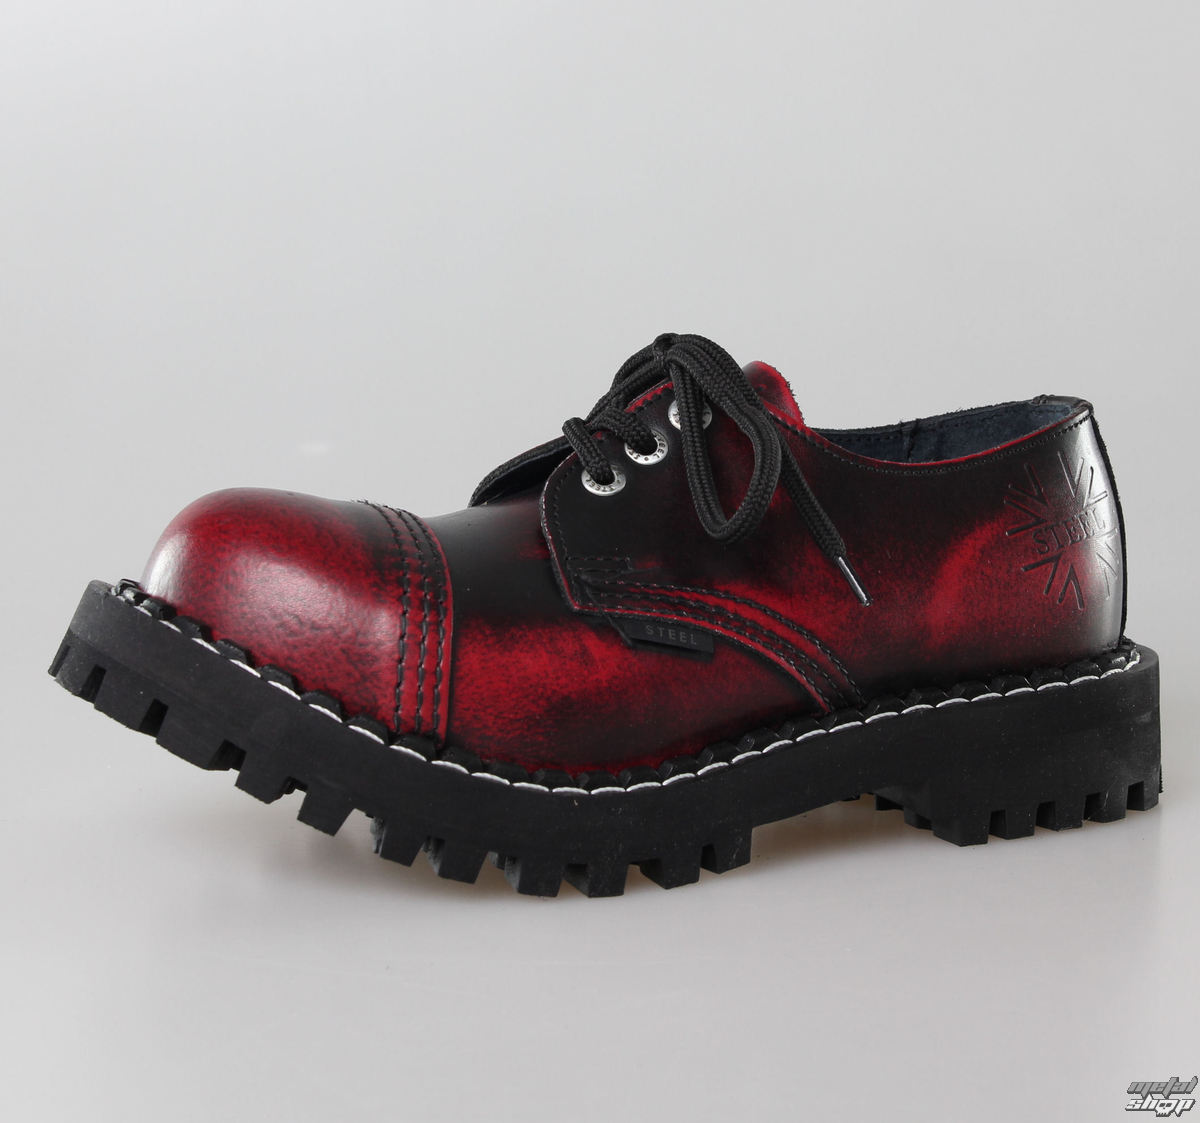 topánky STEEL - 10 dierkové čierne ( 105 106 Black) 10tich-dierkové ... ca020e847f7